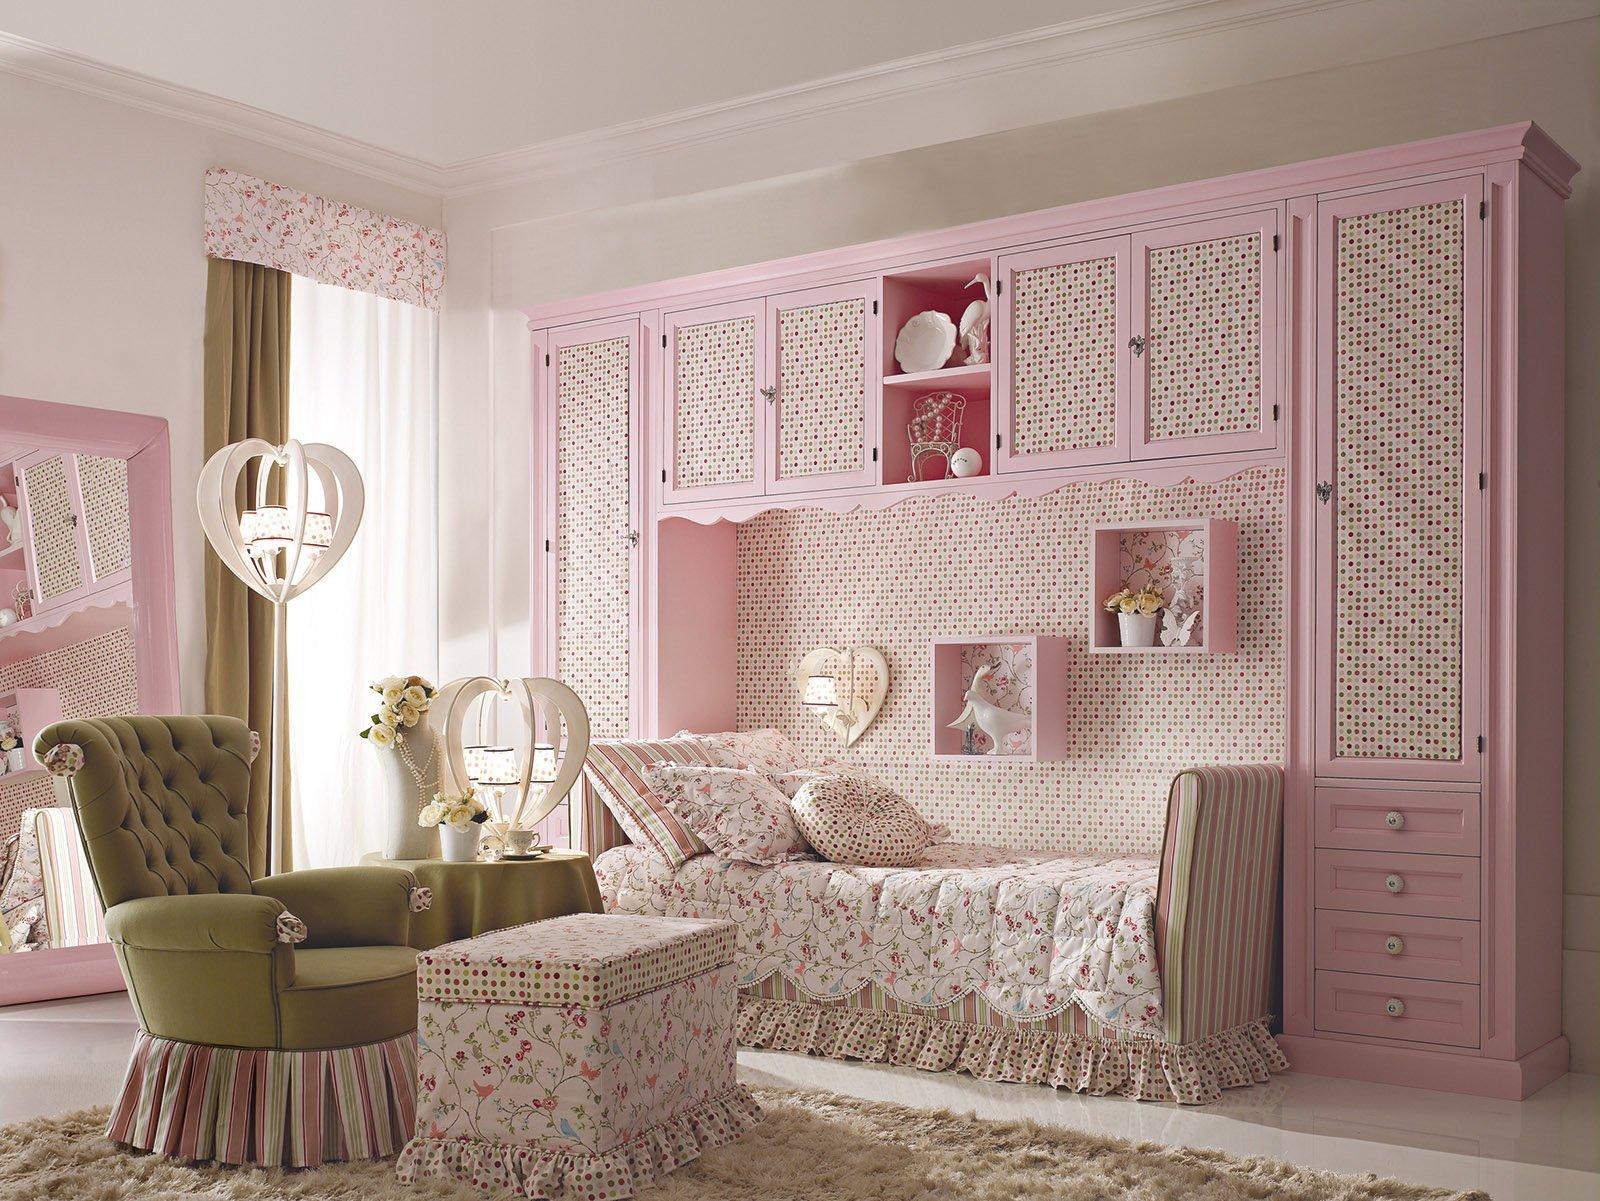 La cameretta romantica di gusto classico cose di casa for Camerette romantiche